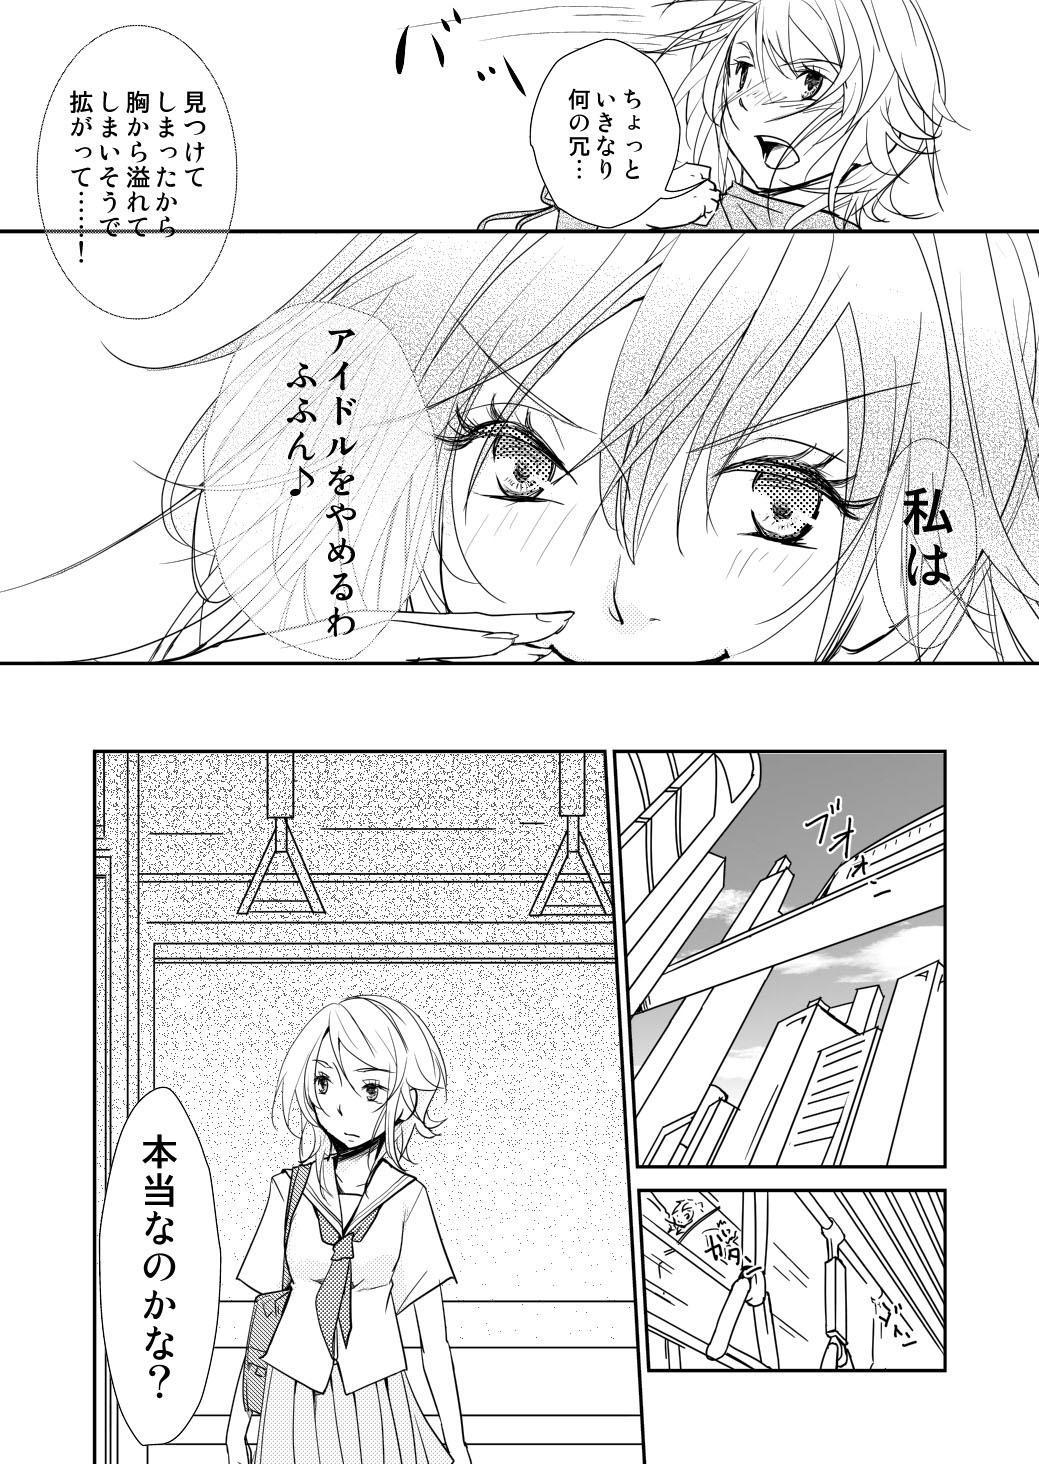 Yakusoku no Sora to Kimigaita Basho 1 ~ 2 20